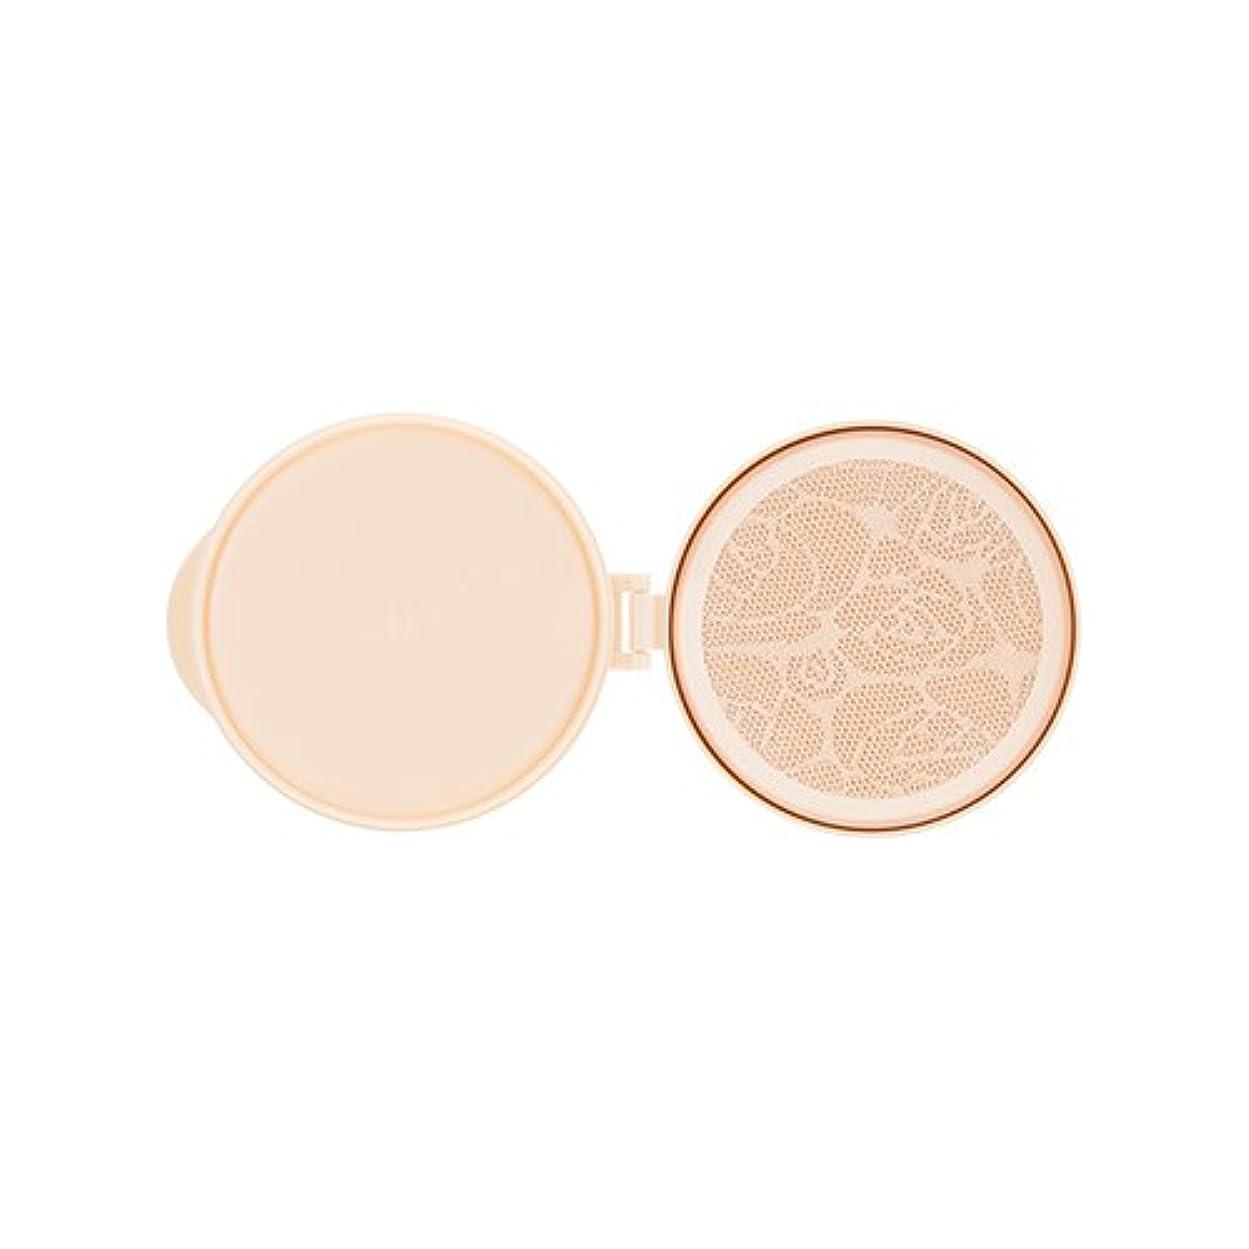 担当者に向かって文字[New] MISSHA Misa Geumseol Tension Pact [Refill] 17g/ミシャ 美思 金雪(クムソル) テンション パクト [リフィル] 17g (#2 Soft Light) [並行輸入品]